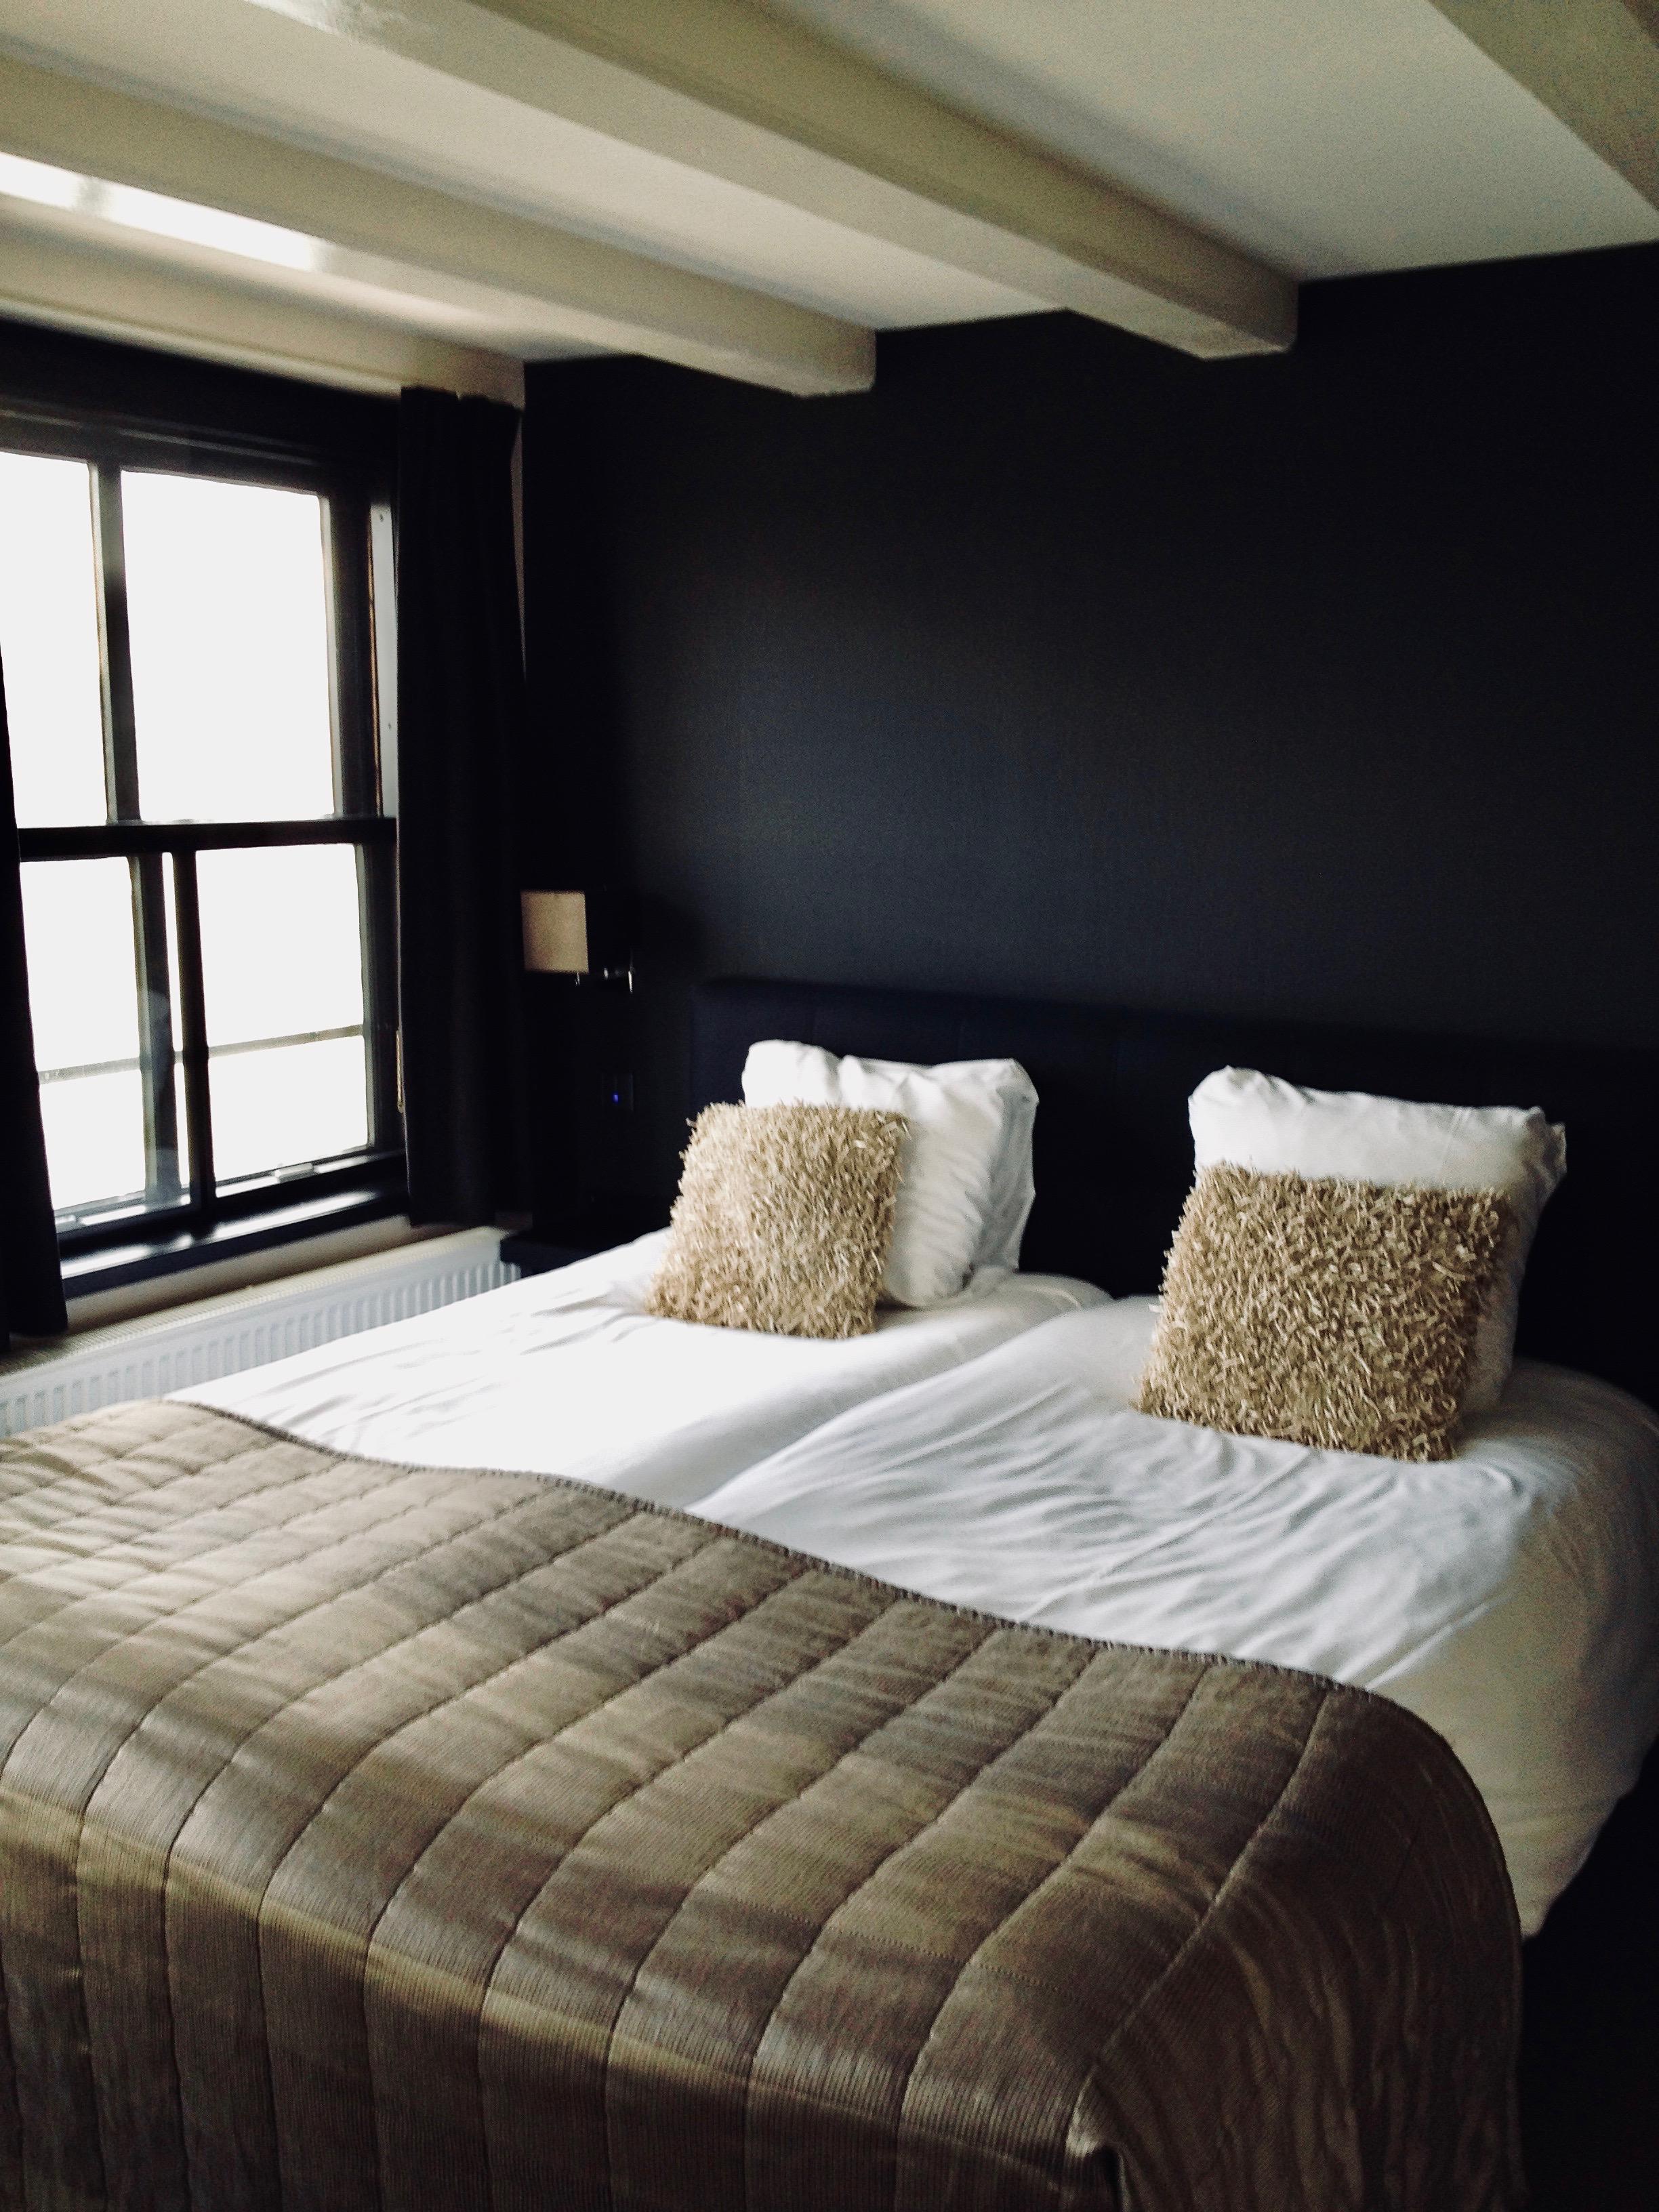 pays-bas-dordrecht-hotel-bellevue-chambre-noire - Plus au nord